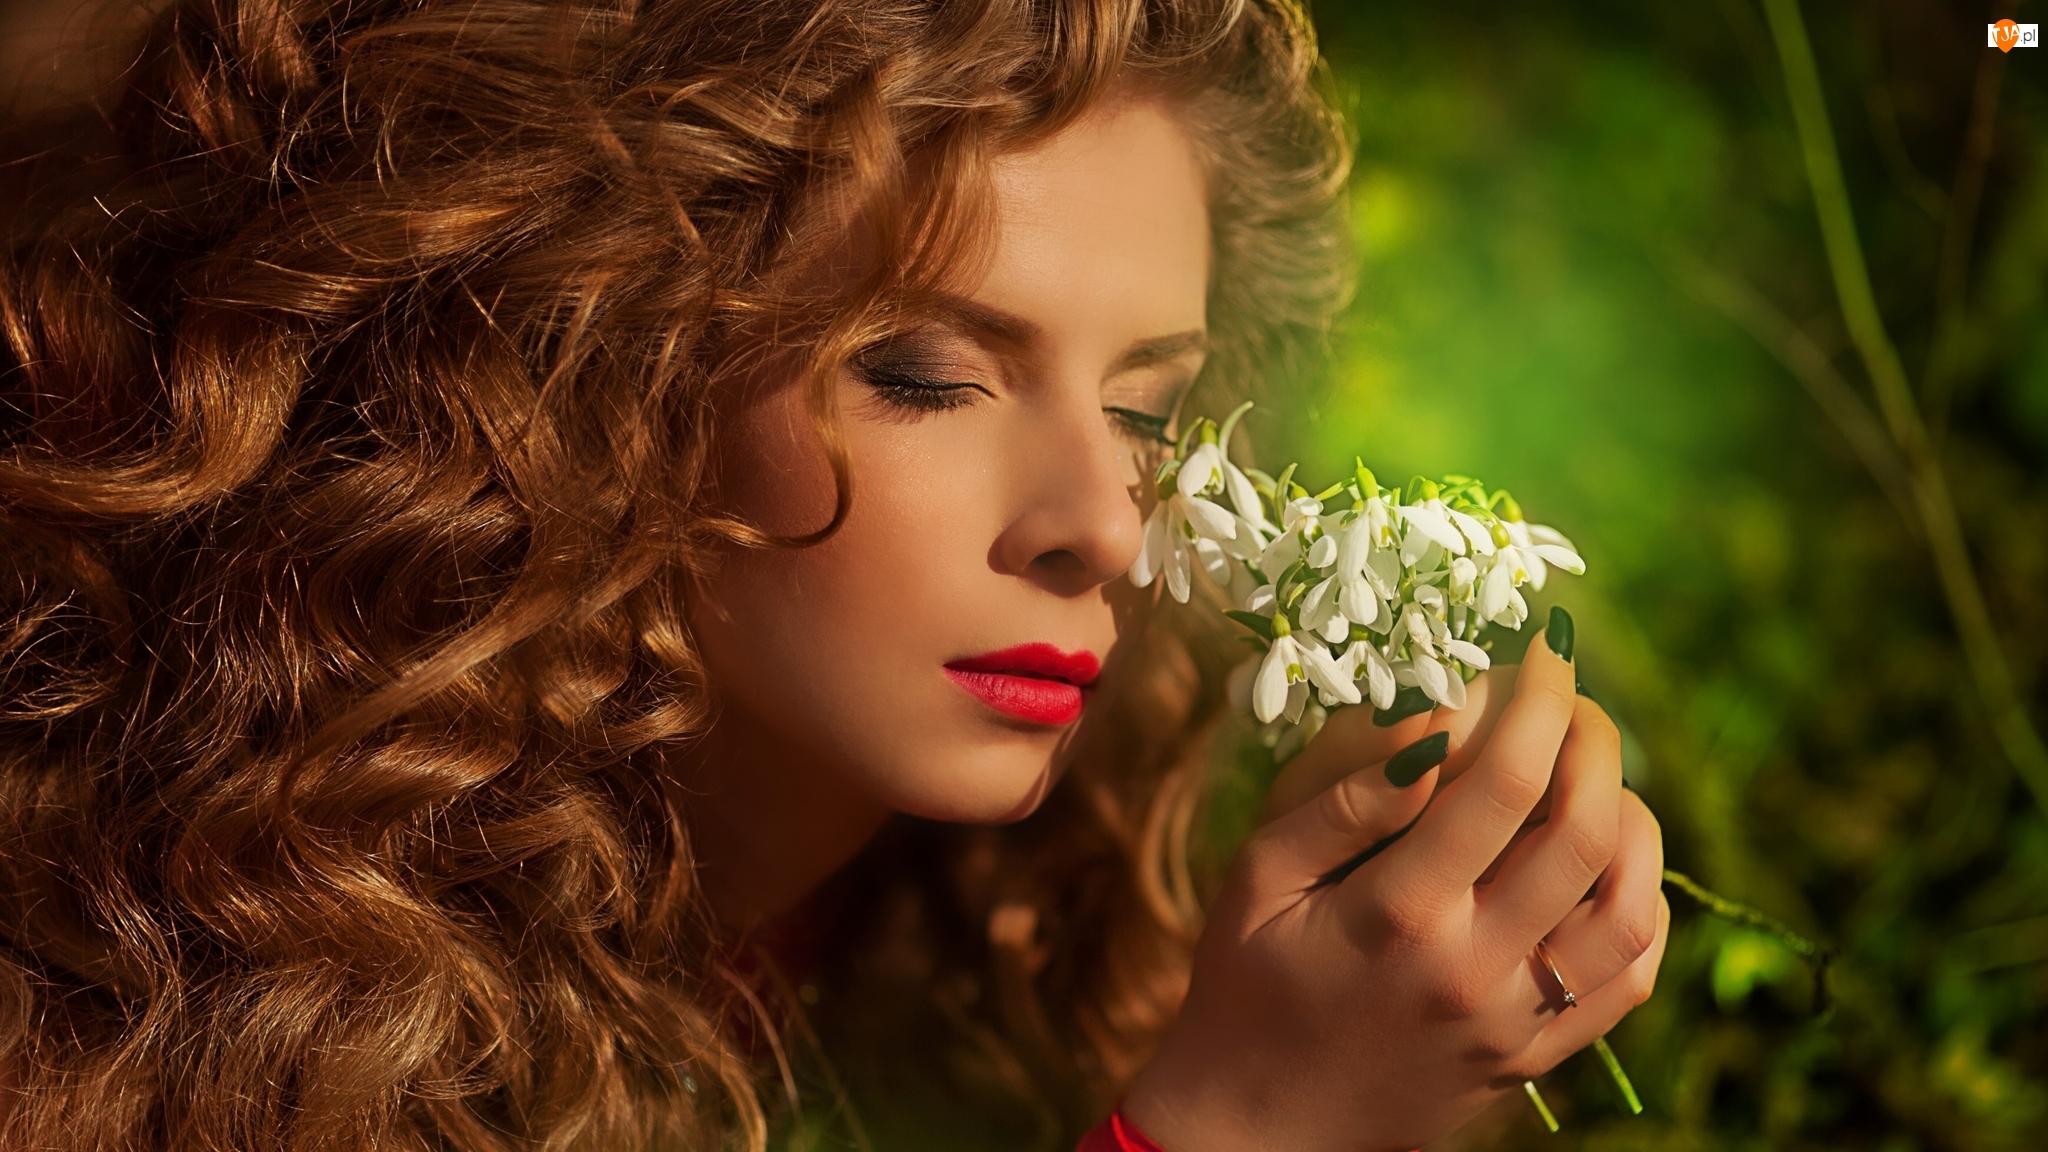 Rudowłosa, Kobieta, Oczy, Przebiśniegi, Zamknięte, Kwiaty